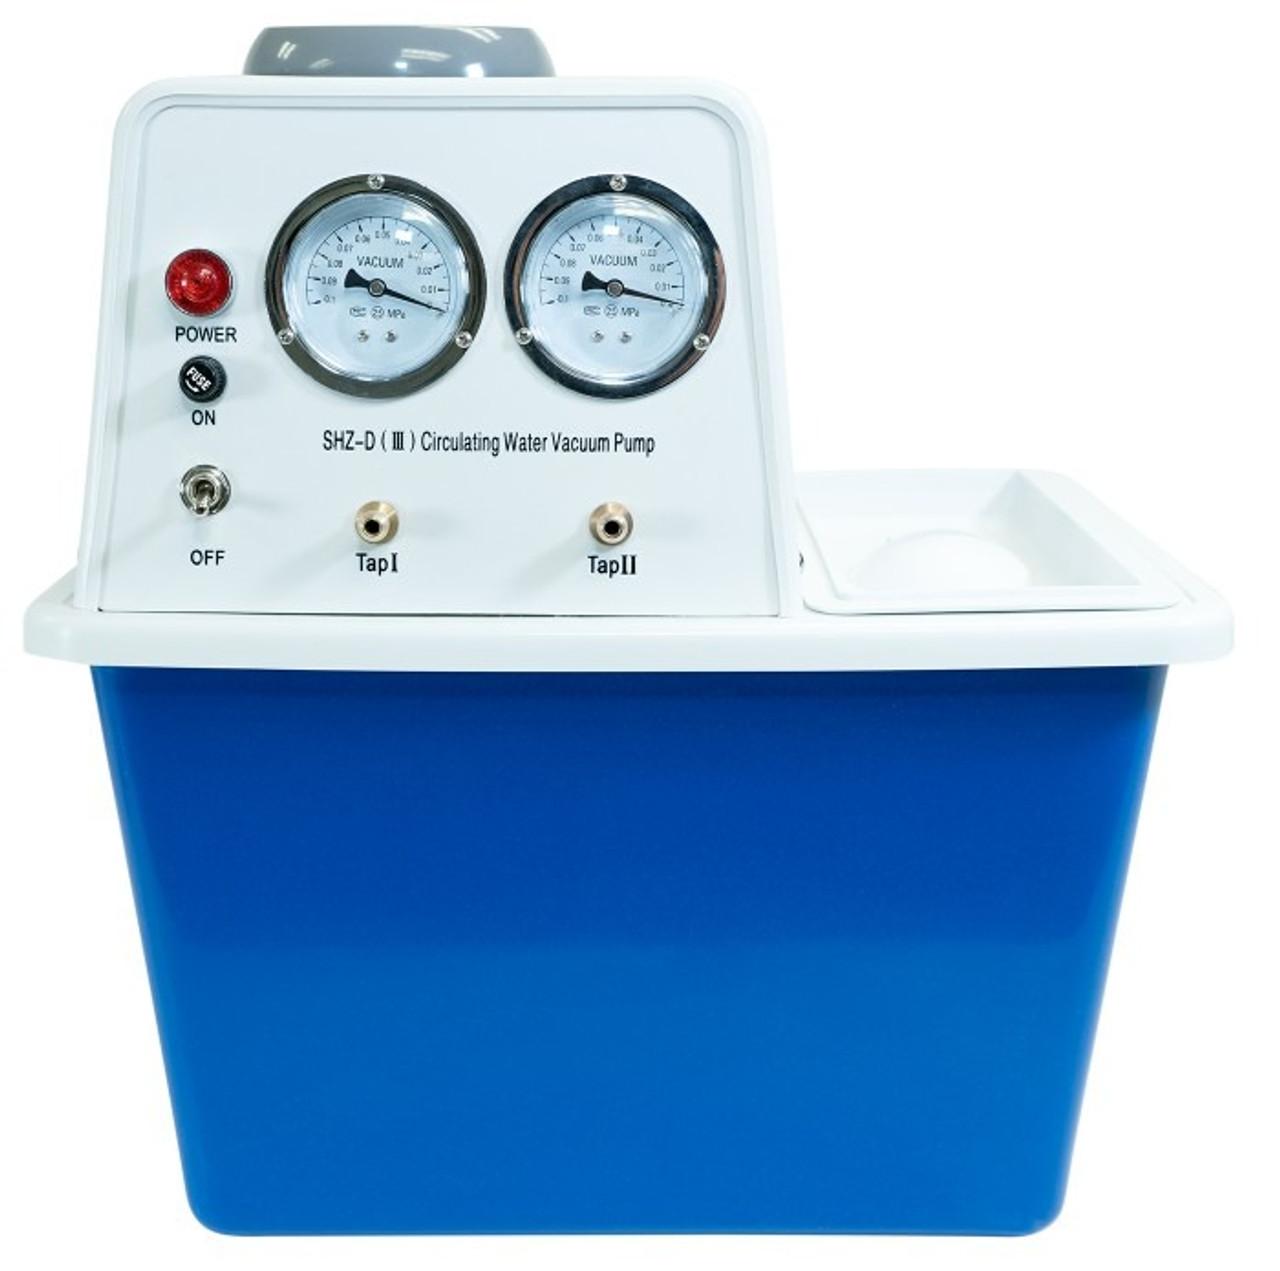 Water Circulation Vacuum Pump